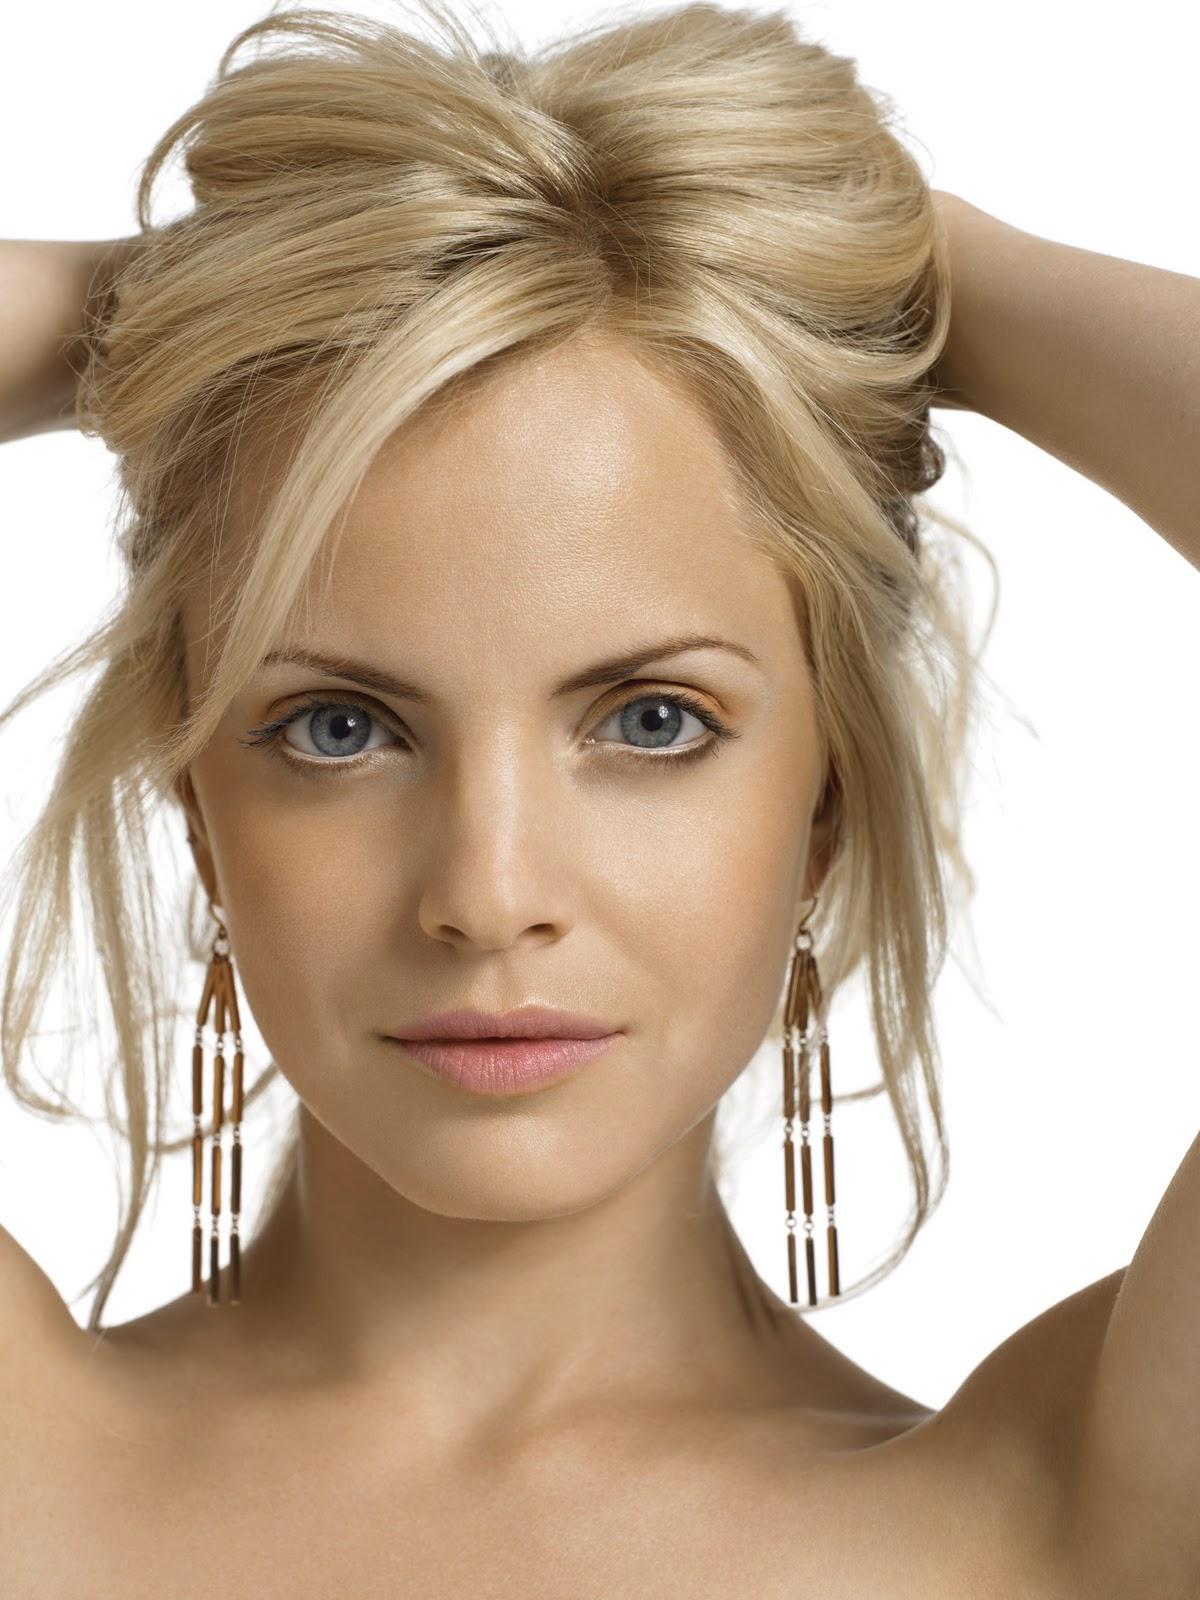 http://3.bp.blogspot.com/-8GFxP9eQEXI/TxQRo3aOvsI/AAAAAAAAKIM/0Cp0G4mA8lc/s1600/mena-suvari-hq-blonde-hair.jpg